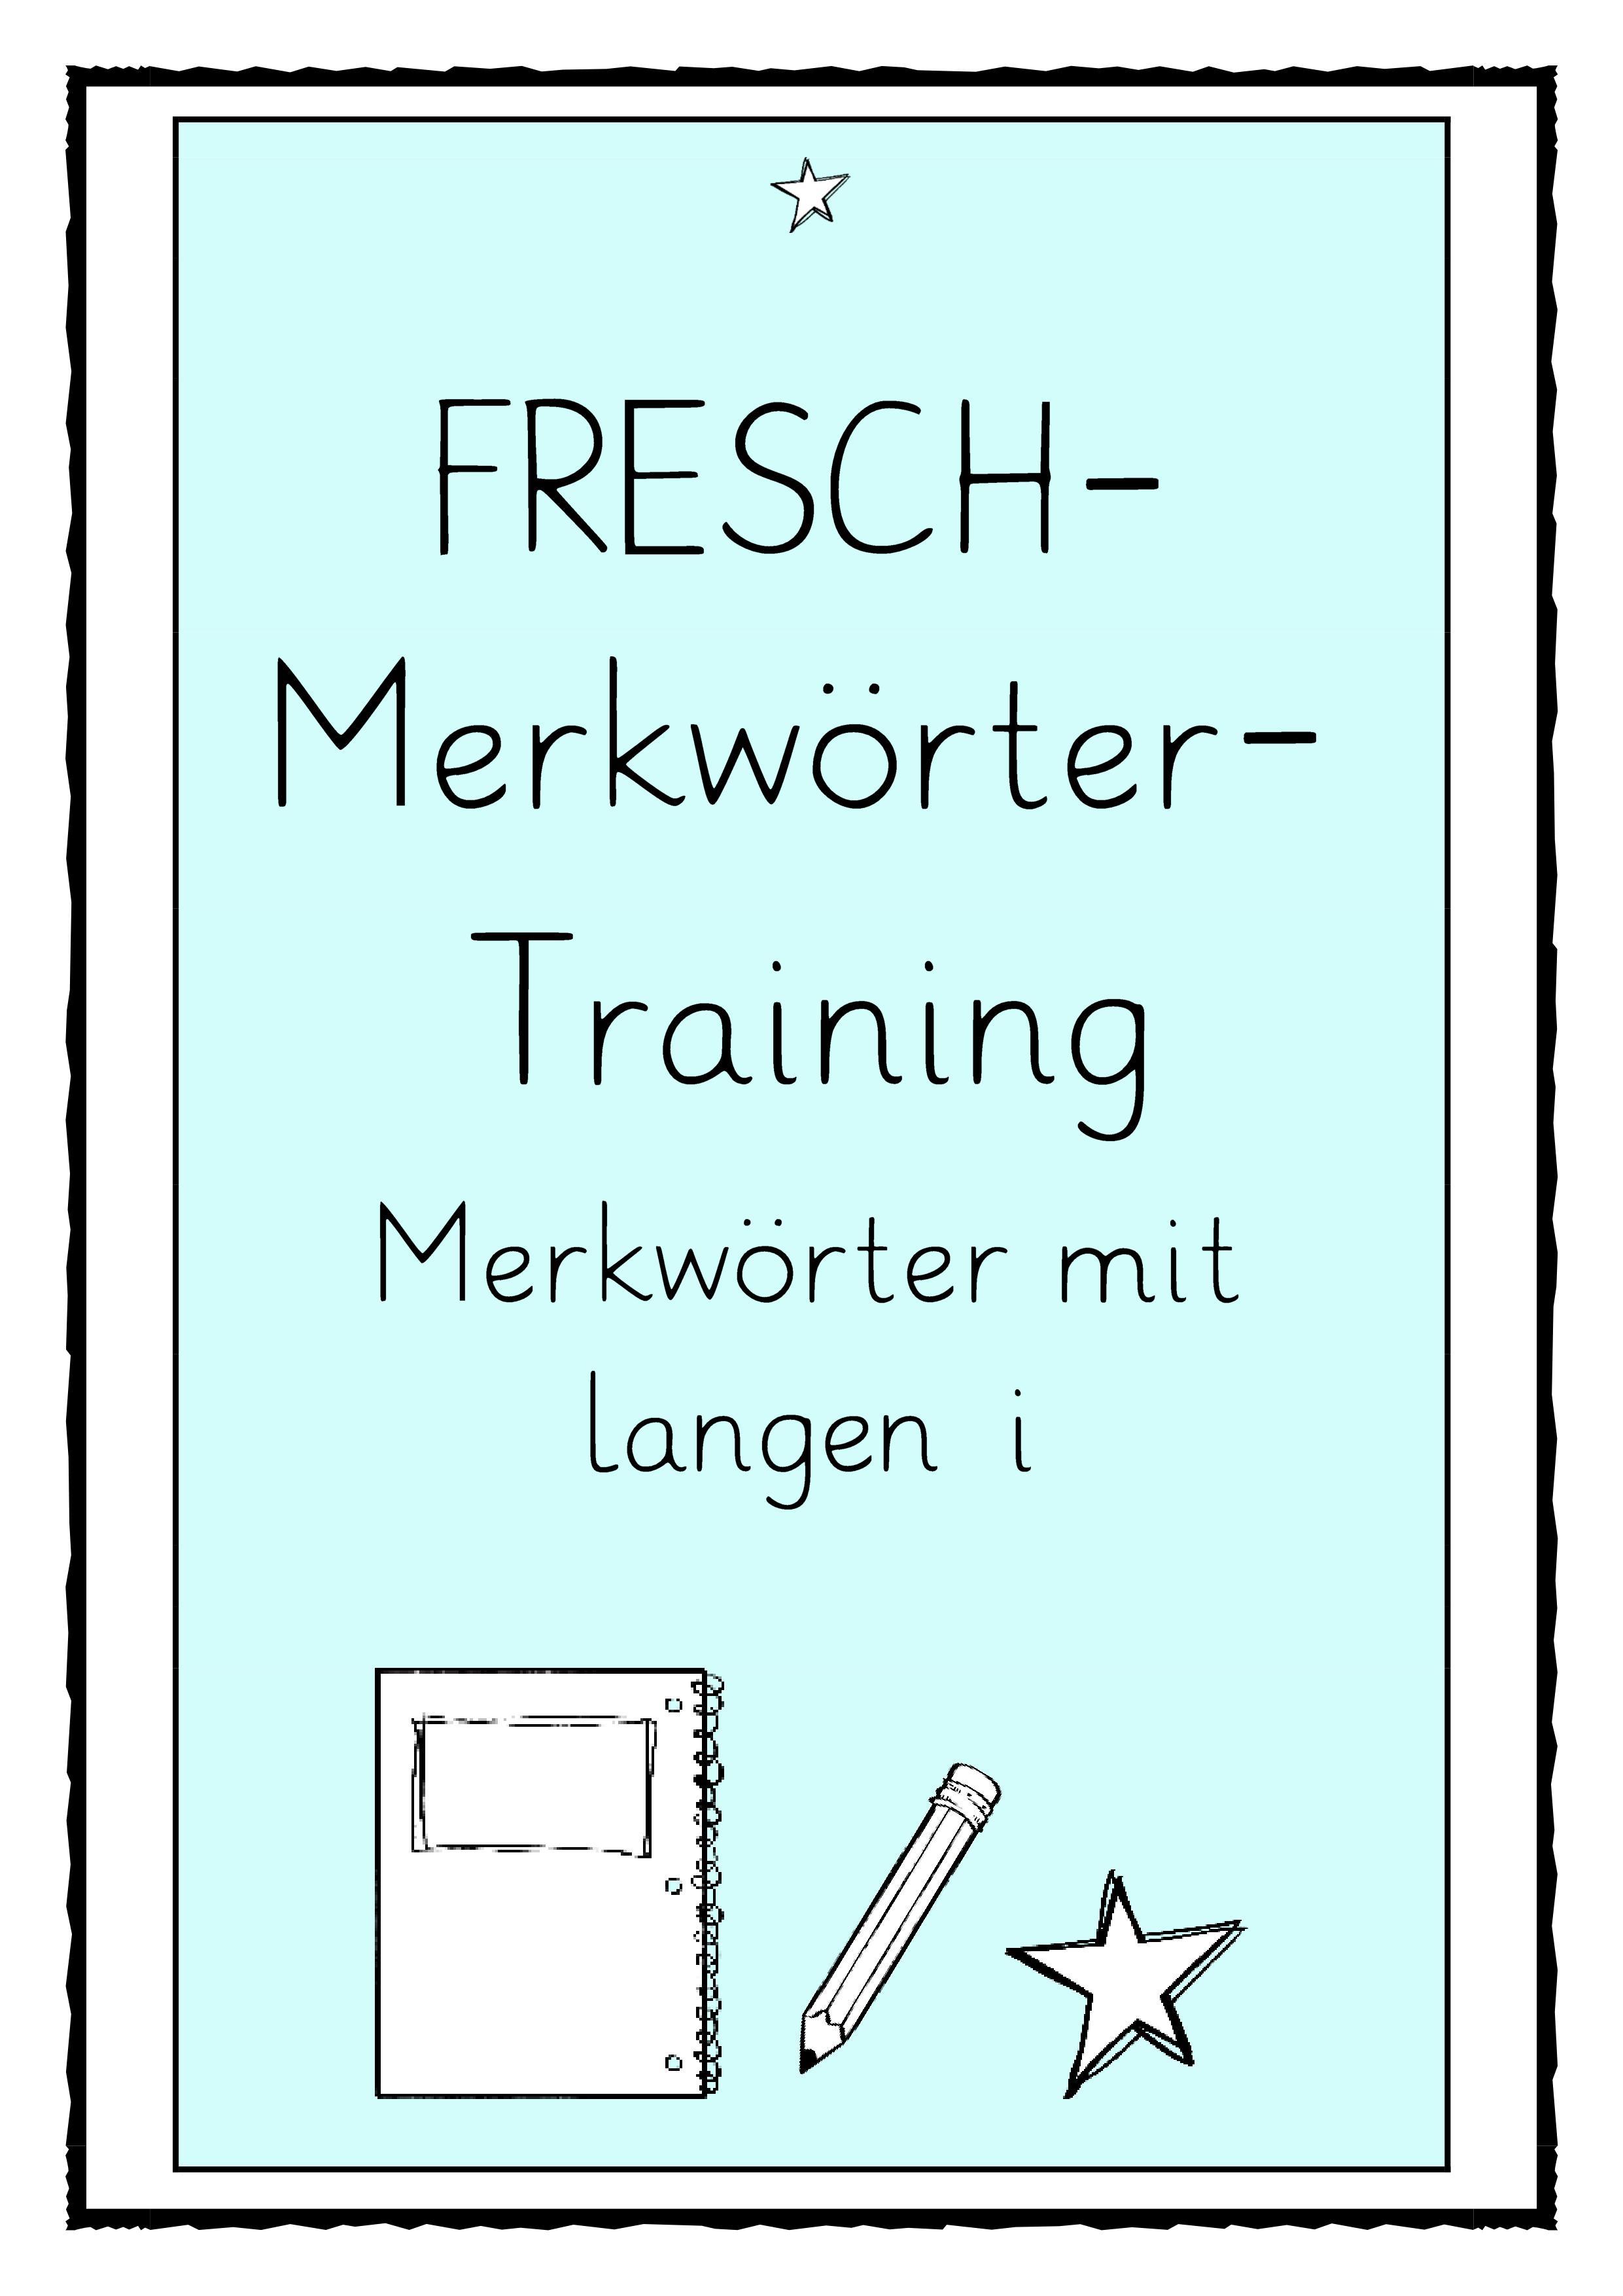 Fresch Merkworter Training Merkworter Mit Langem I Unterrichtsmaterial In Den Fachern Daz Daf Deutsch Merken Wortkarte Worter